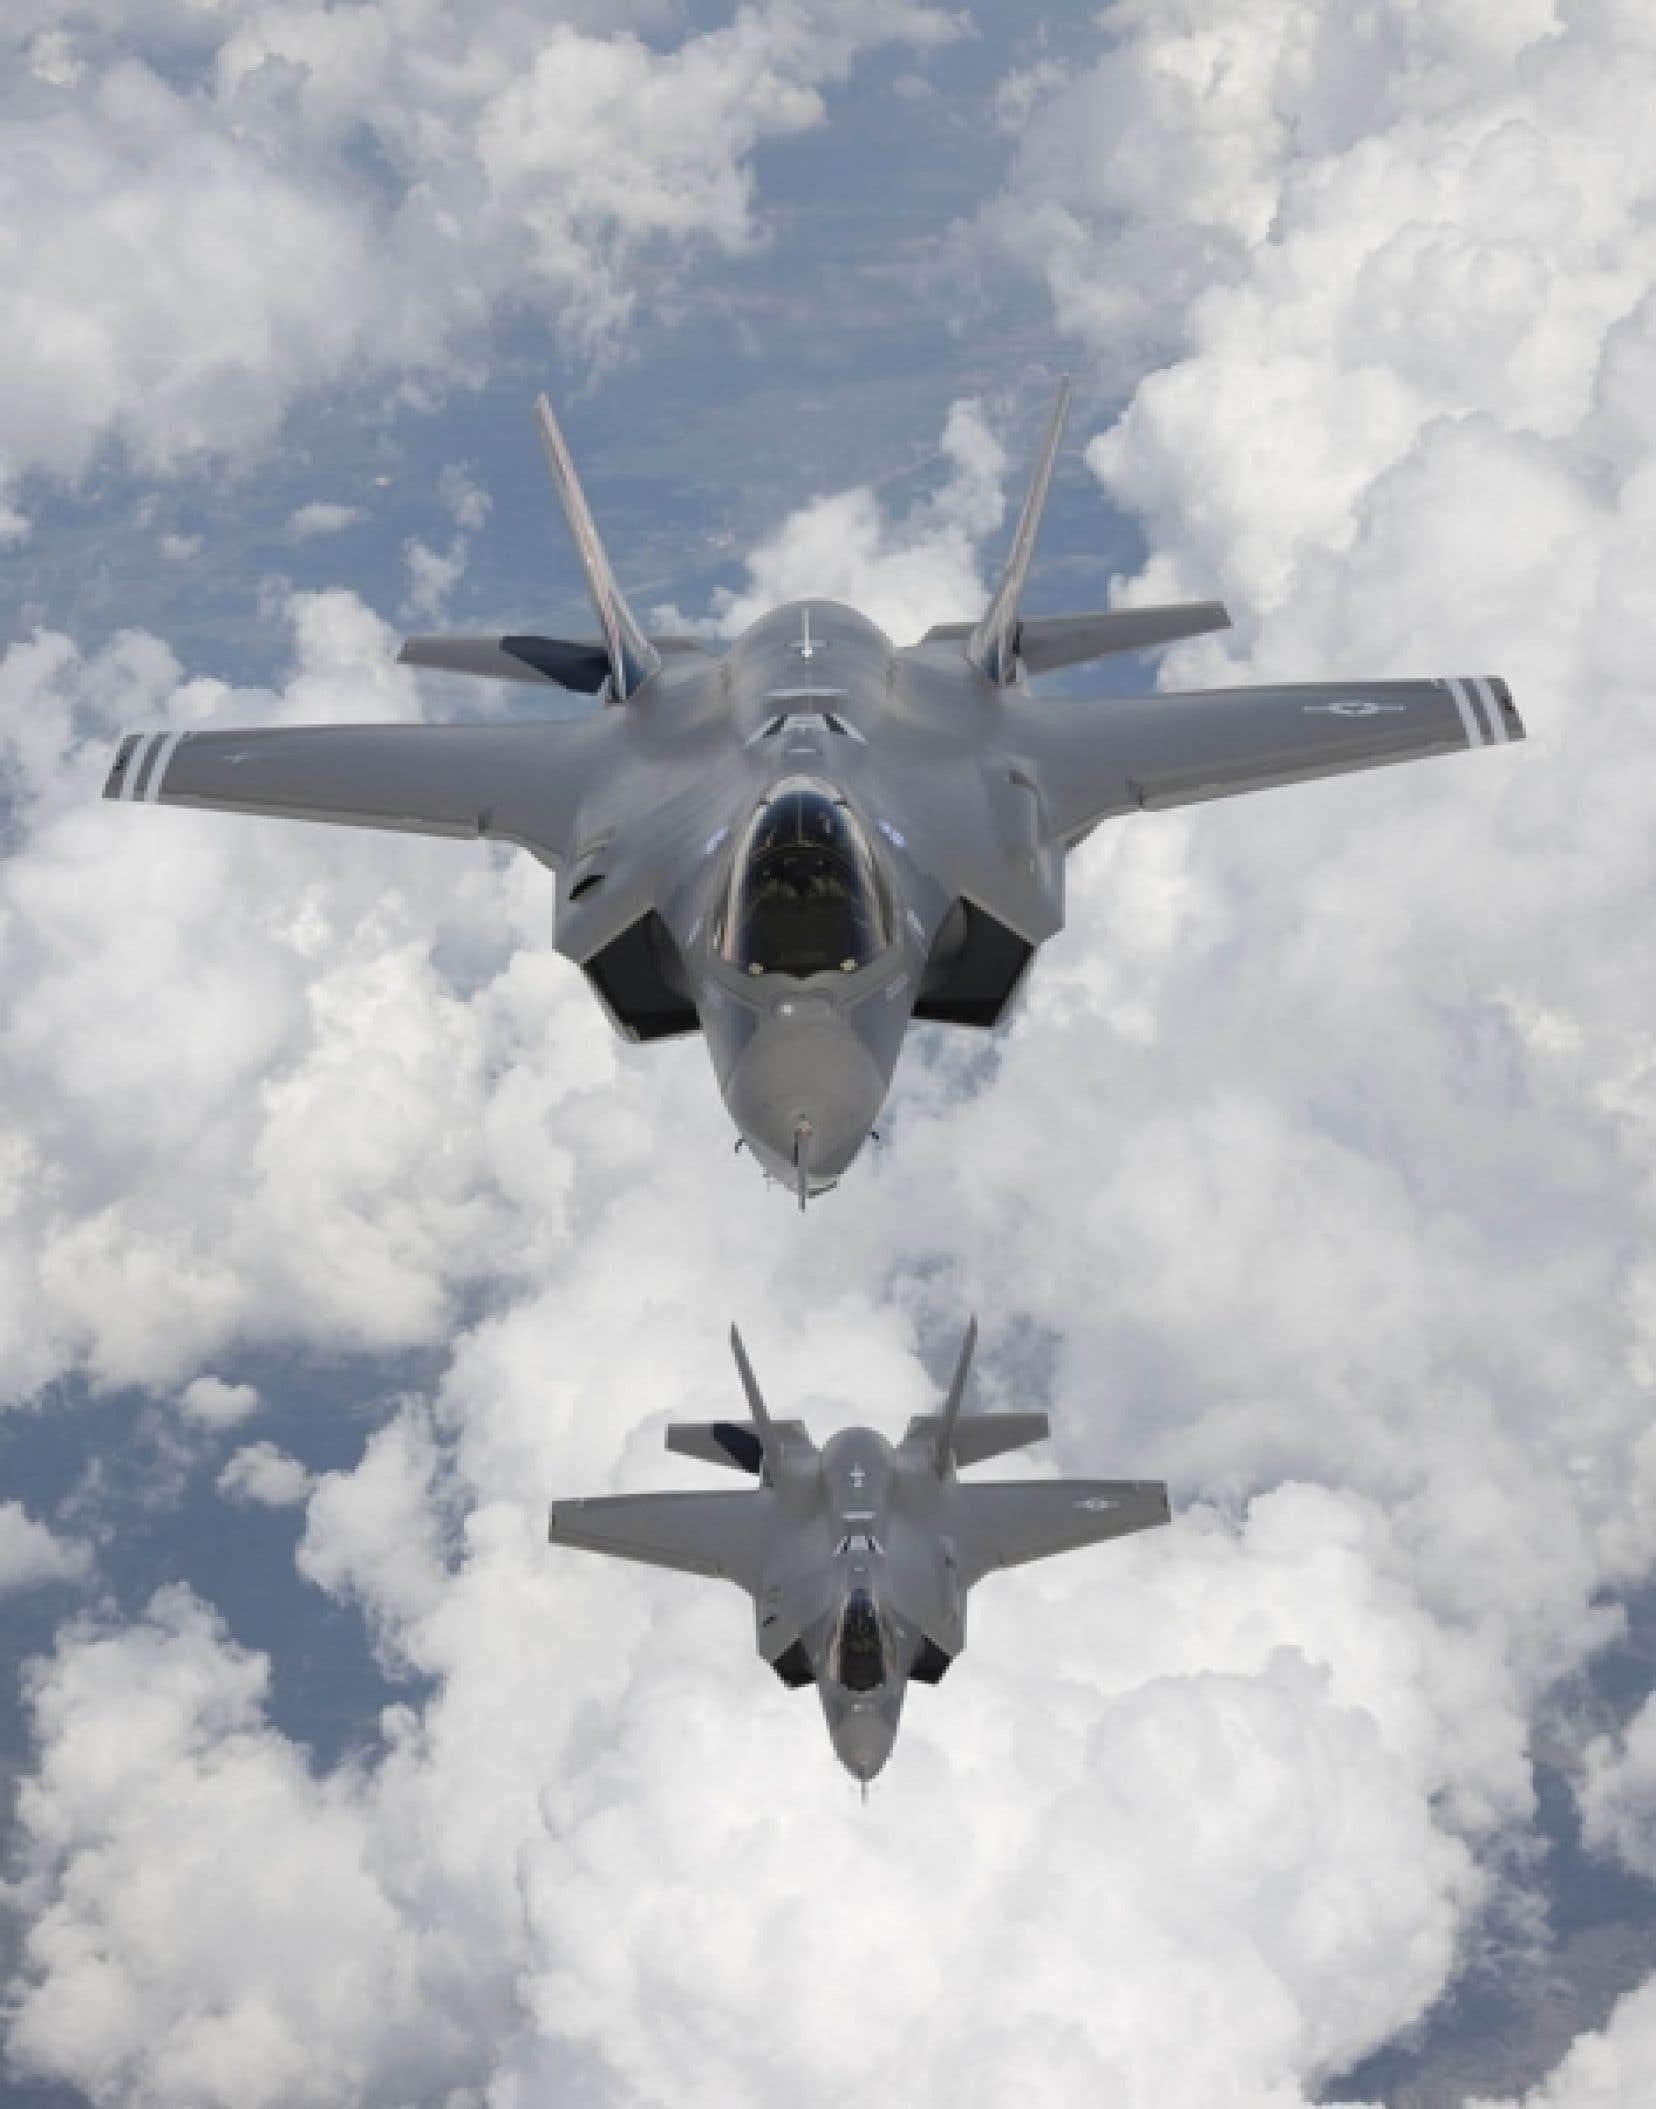 Le F-35 est incompatible avec le système de ravitaillement en vol du Canada. Les Forces canadiennes affirment que ses deux ravitailleurs doivent être remplacés d'ici 2015, et que l'achat de nouveaux appareils compatibles avec le F-35 pourrait être la solution.